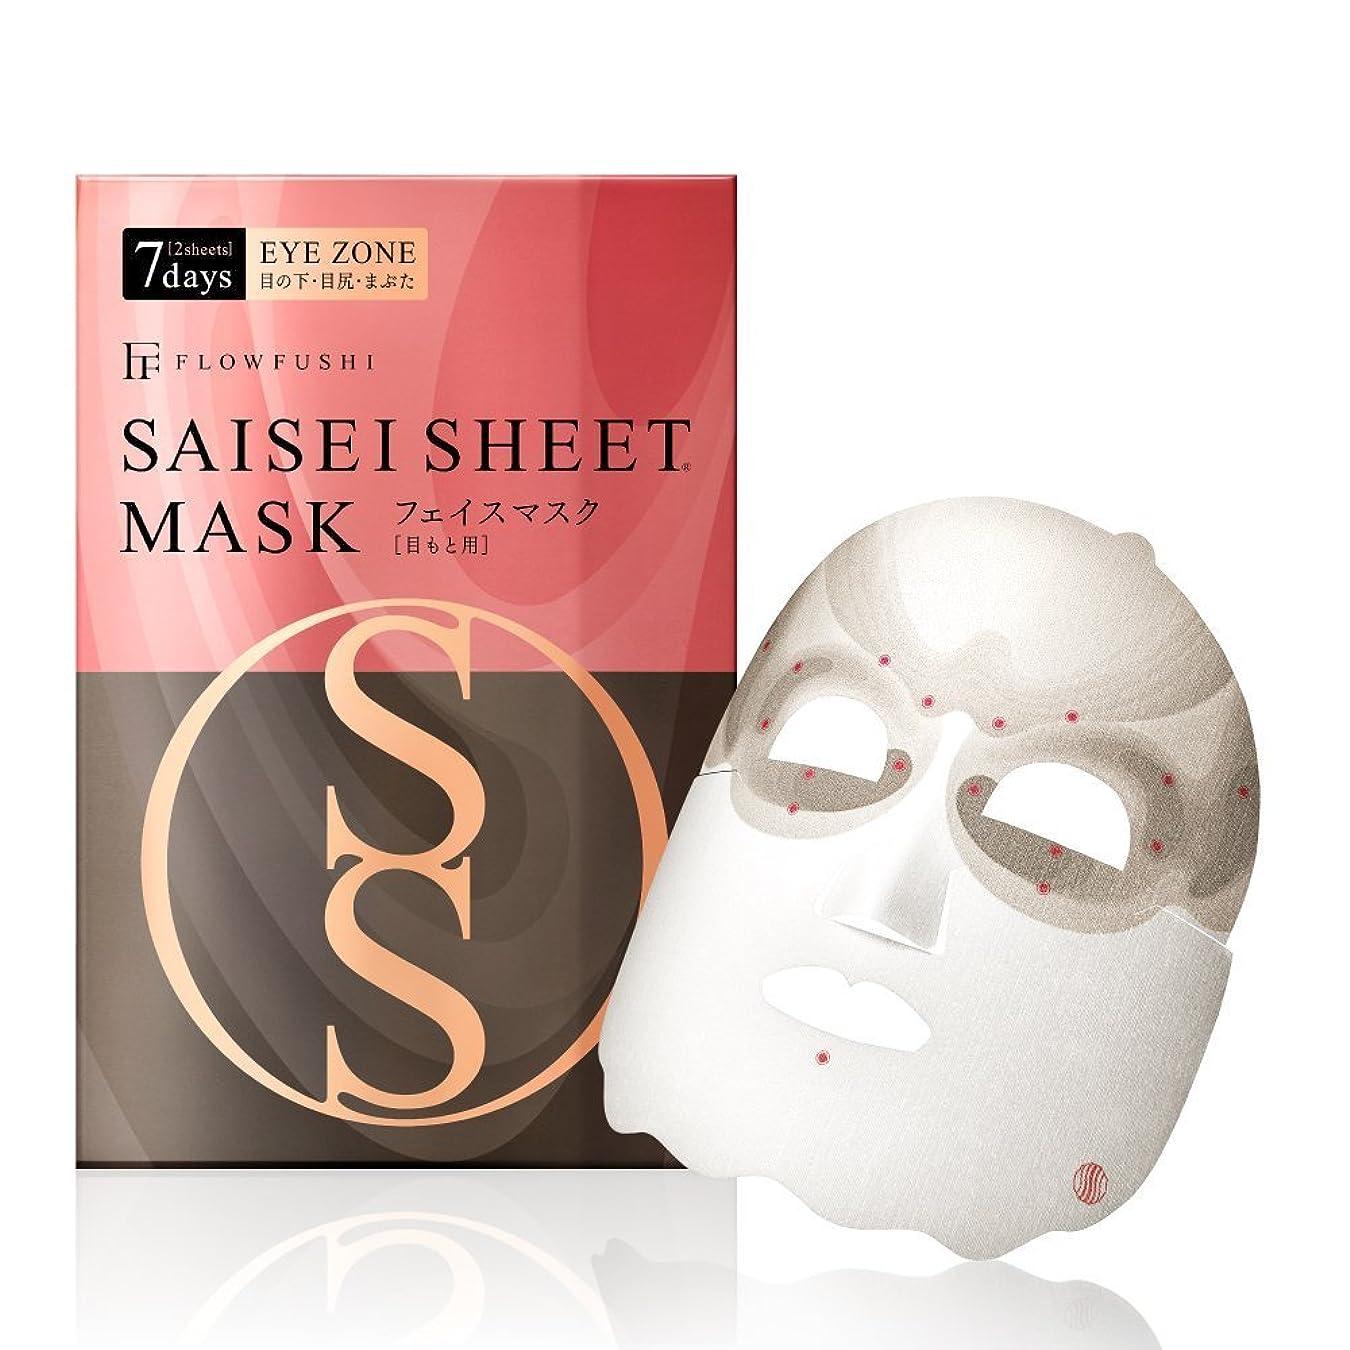 スペクトラム食器棚マントルSAISEIシート マスク [目もと用] 7days 2sheets